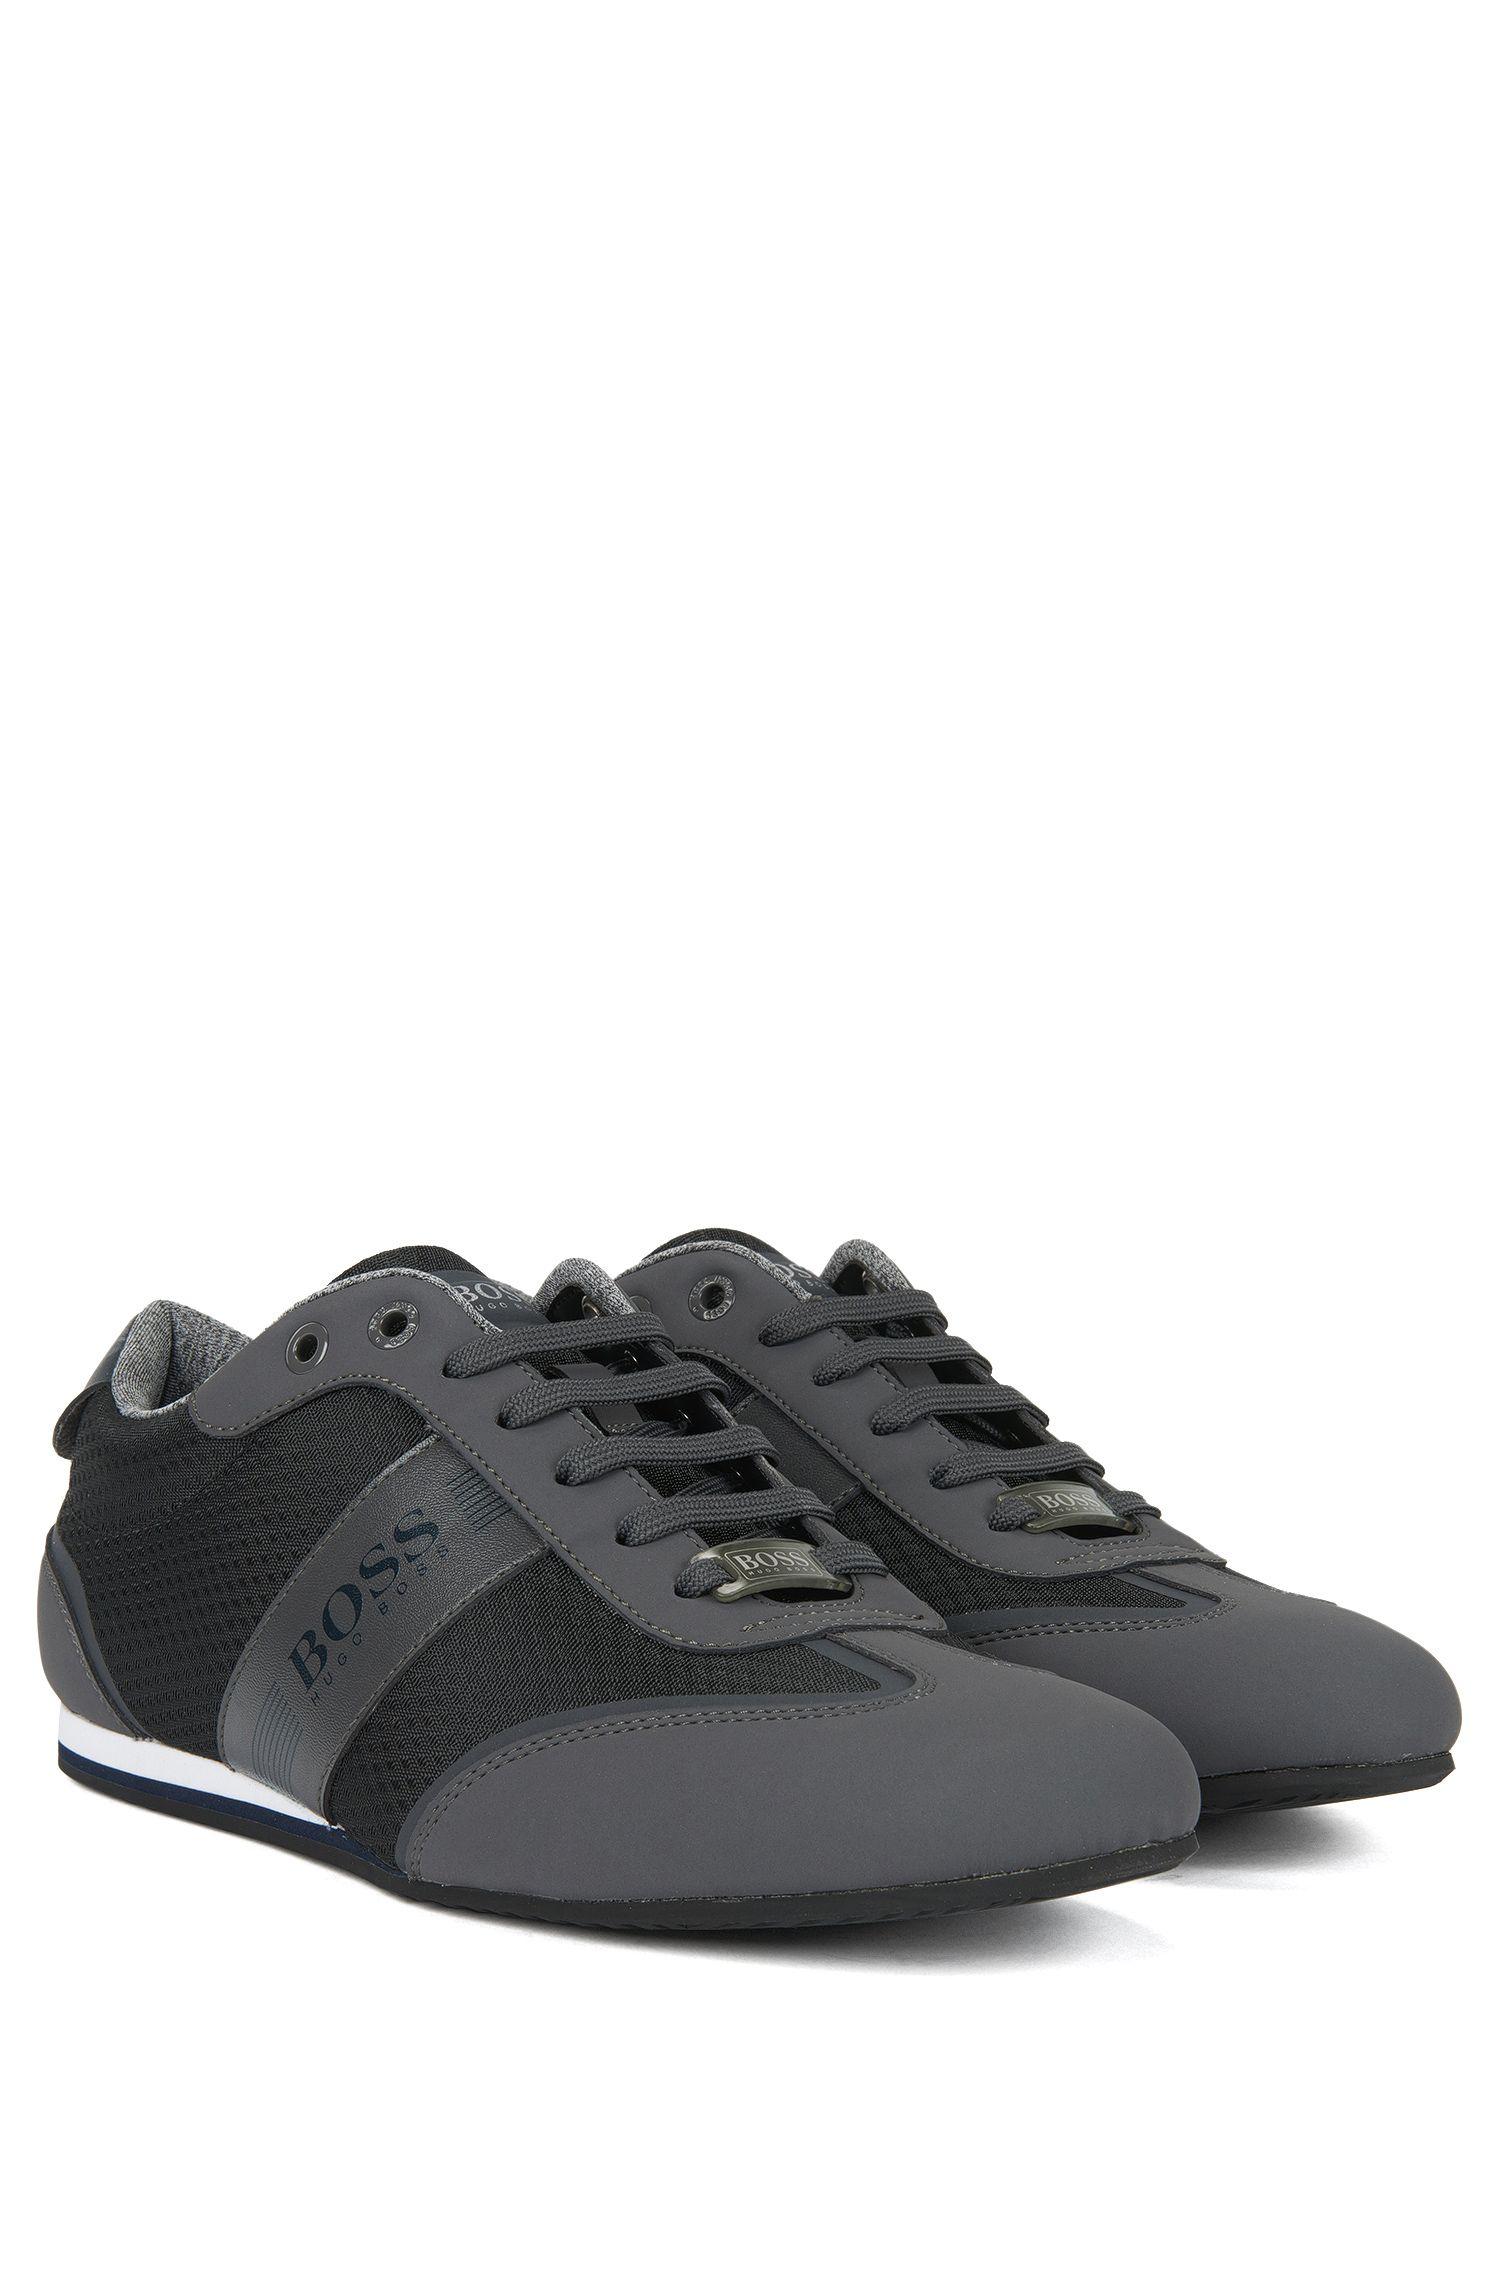 Sneakers low-top in tessuto tecnico con dettagli a coda di rondine in similpelle effetto nabuk